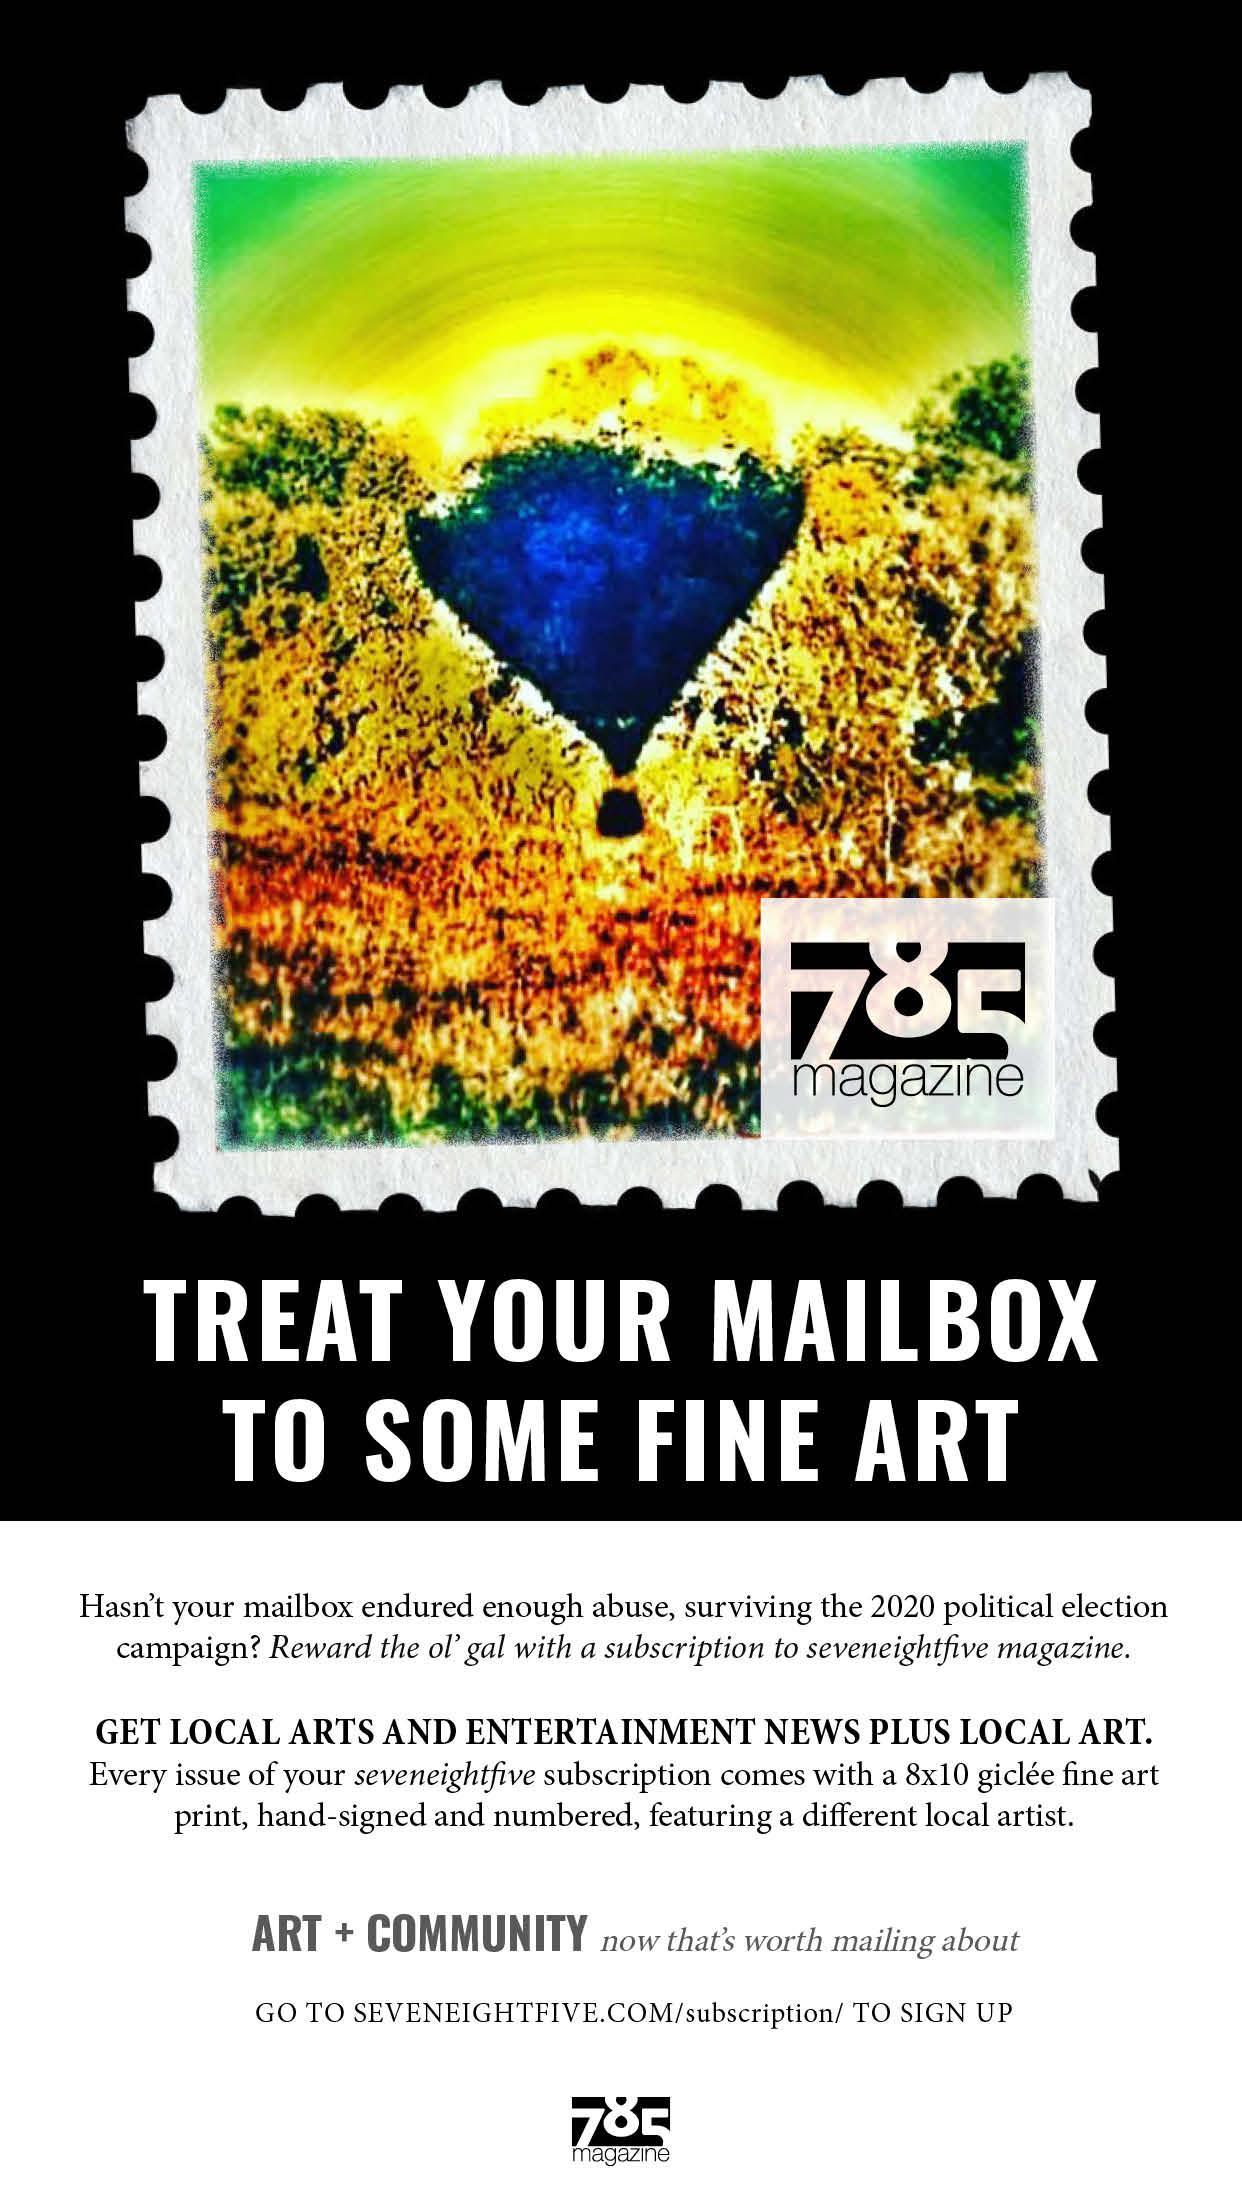 785 Mag Sub Mailbox